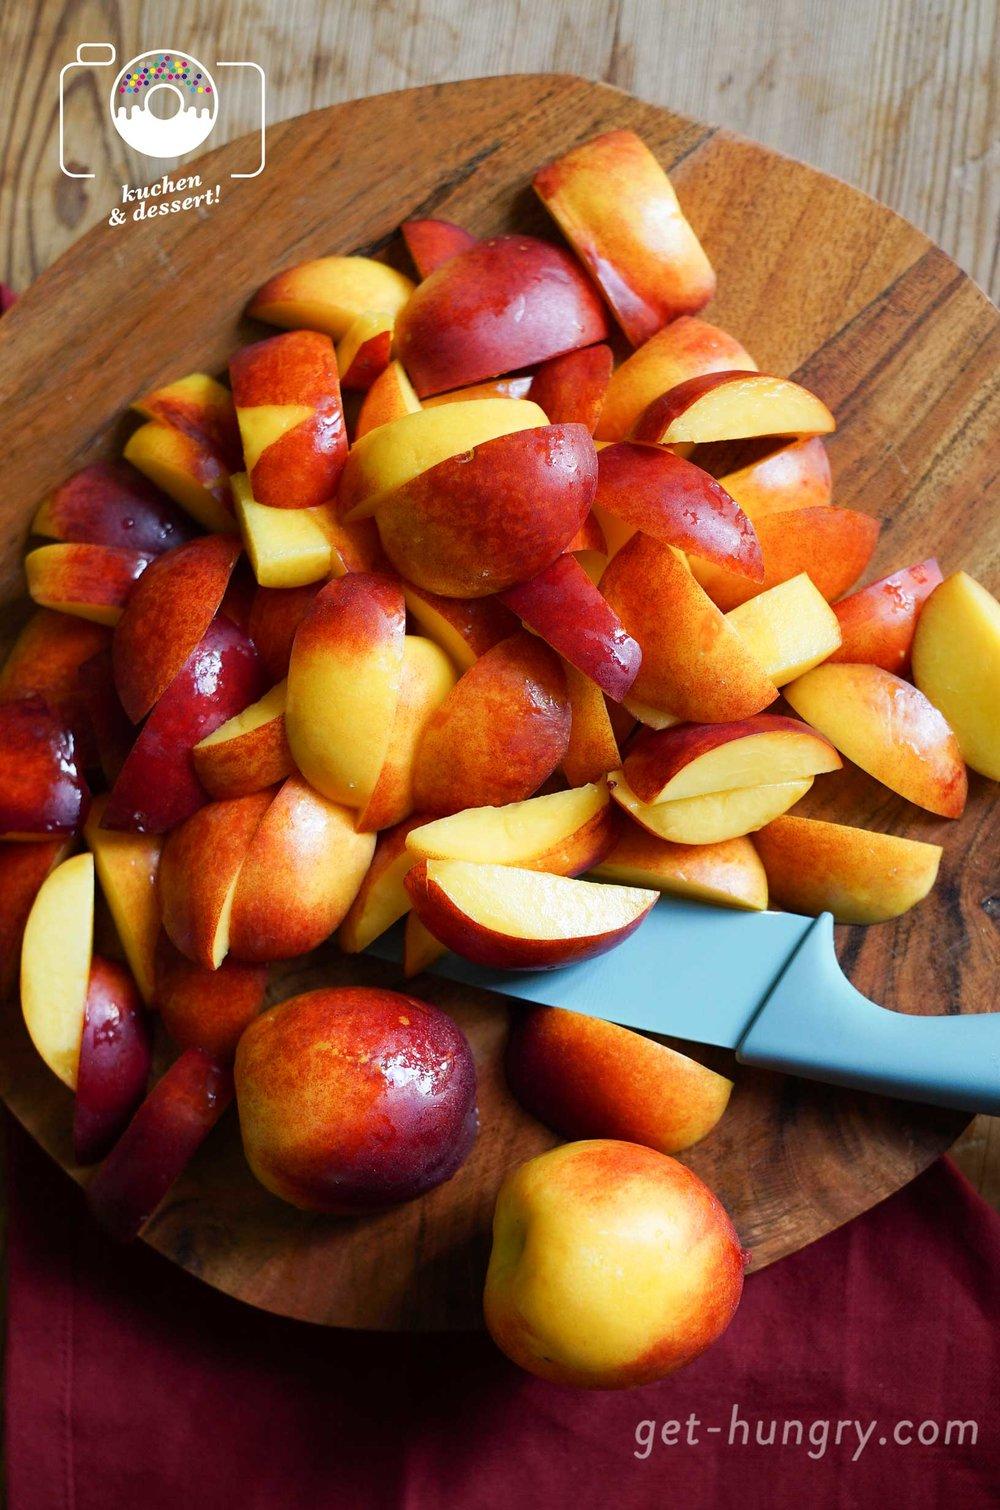 Bei der Wahl des (Stein-)Obstes darf man kreativ werden. Auch mit Mango oder süßen Kirschen gelingts. Auf dem Blech berühmt geworden, sind aber vor allem die Marille und Zwetschge.